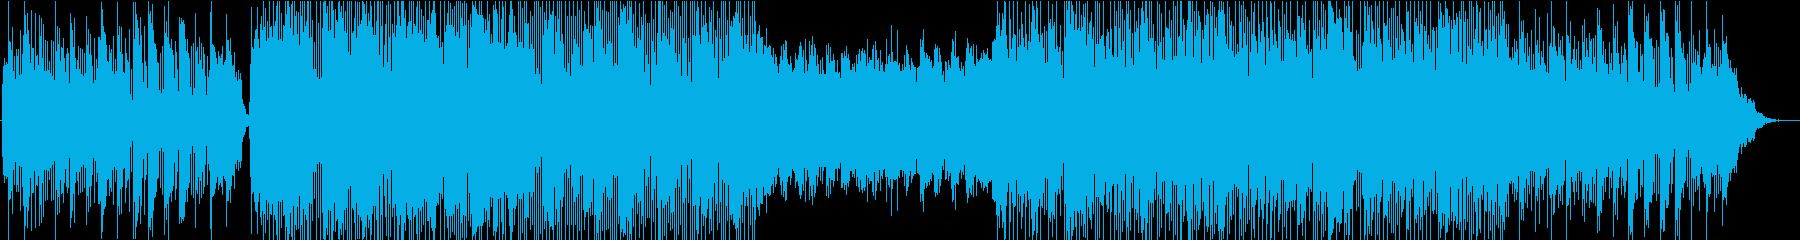 クリスマス風のシンセポップの再生済みの波形